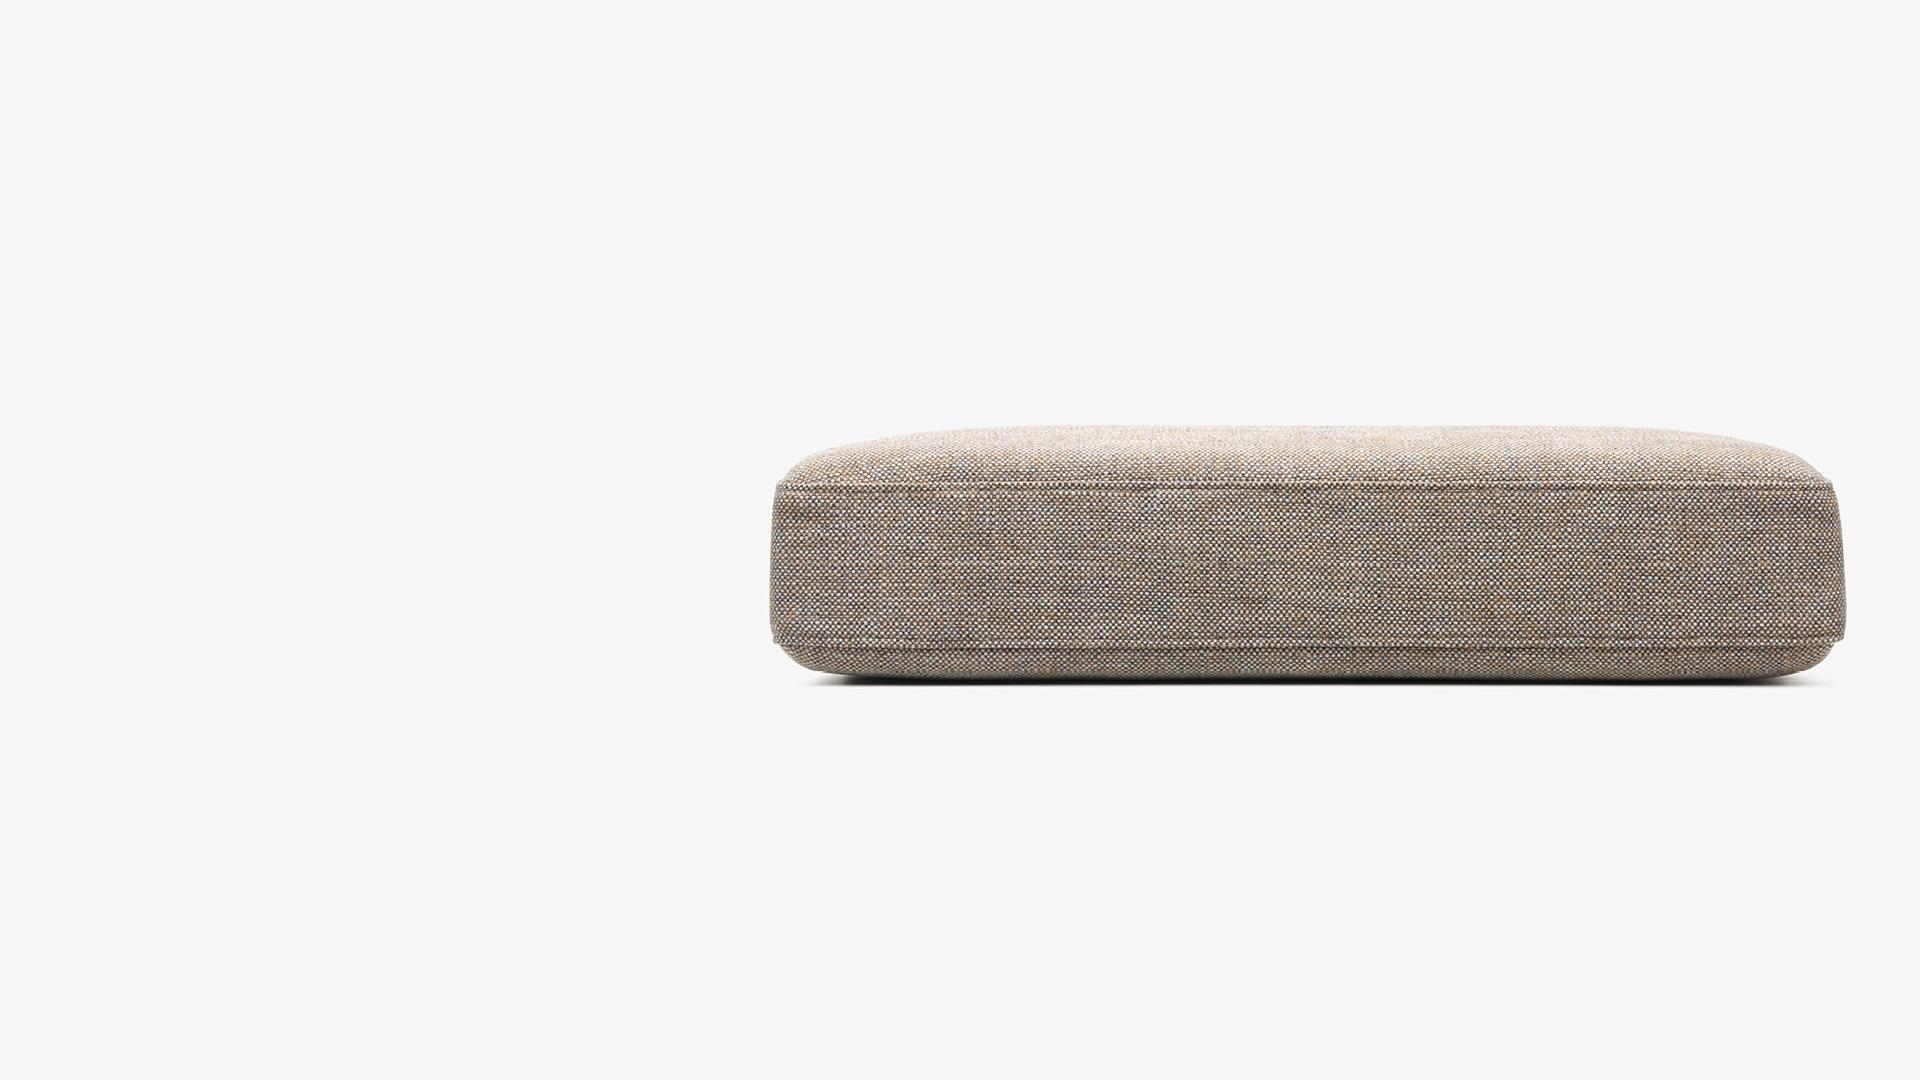 三明治坐垫结构<br/>3:2:3黄金海绵密度比